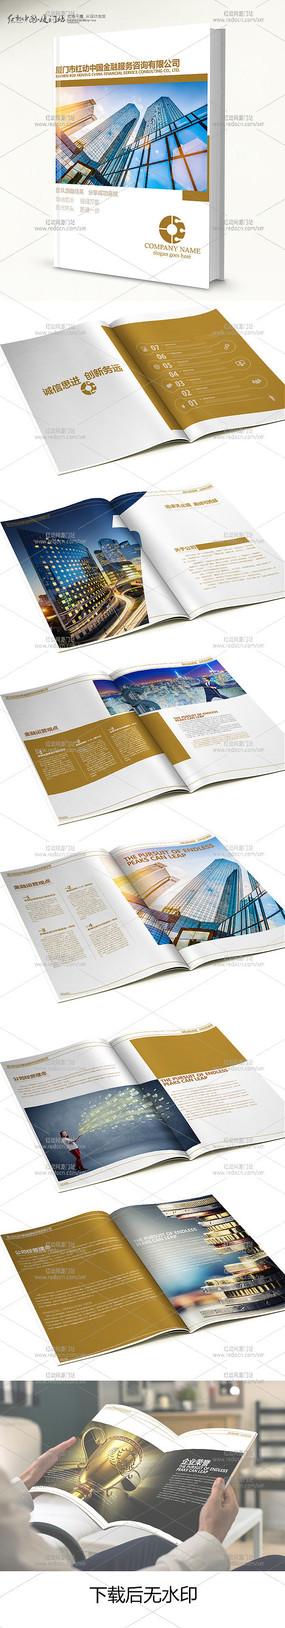 高端金融画册